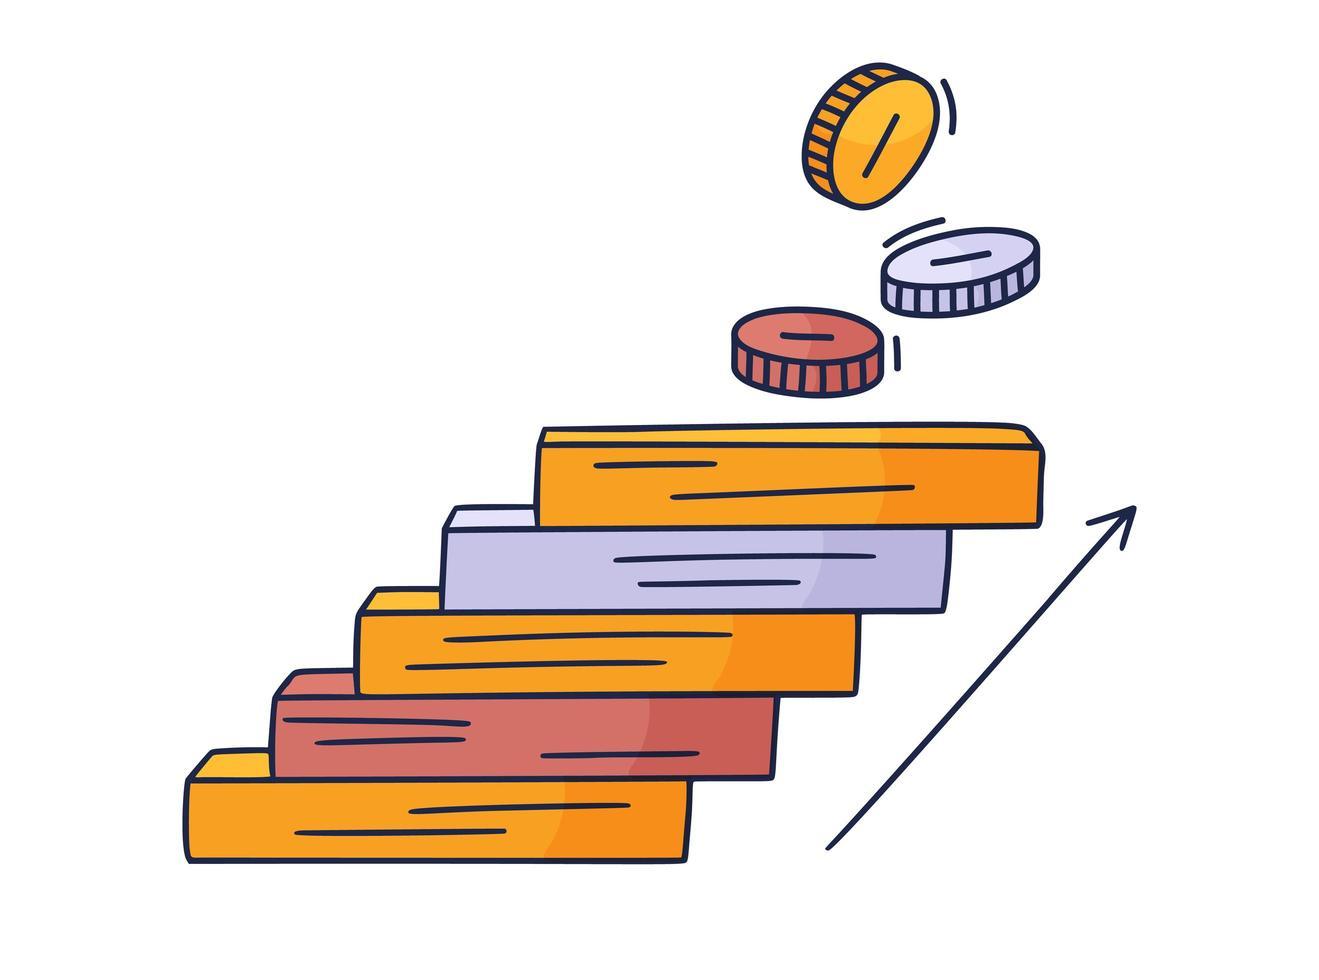 tritt an die Münze. Vektor Gekritzelillustration gezeichnet von Hand mit Stufen oder Treppen, auf denen ein Symbol der Geldmünze ist. der Weg zum Erfolg und zum Erreichen von Zielen